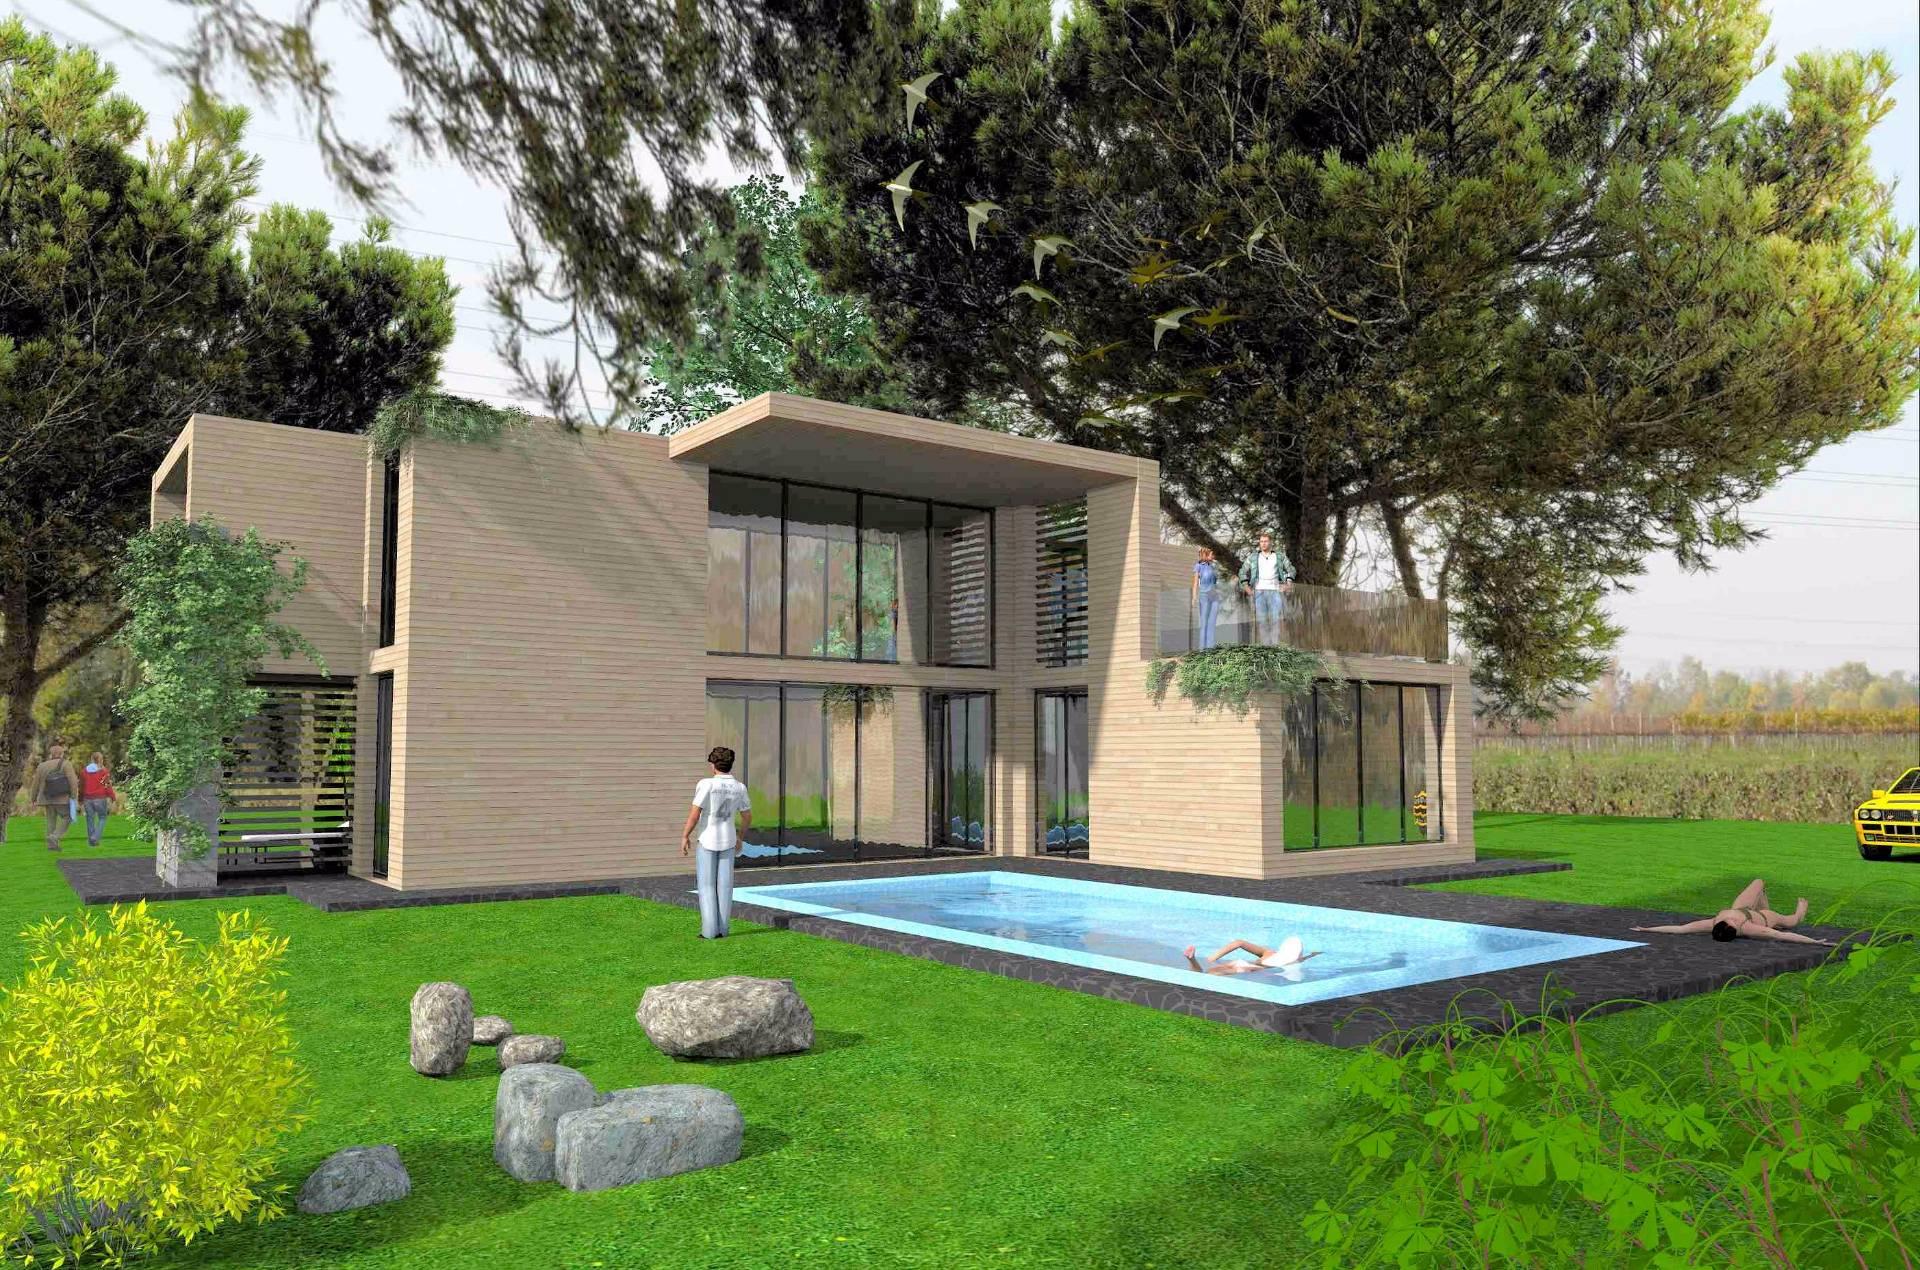 Terreno Edificabile Residenziale in vendita a Montignoso, 9999 locali, zona Zona: Cinquale, prezzo € 230.000 | Cambio Casa.it